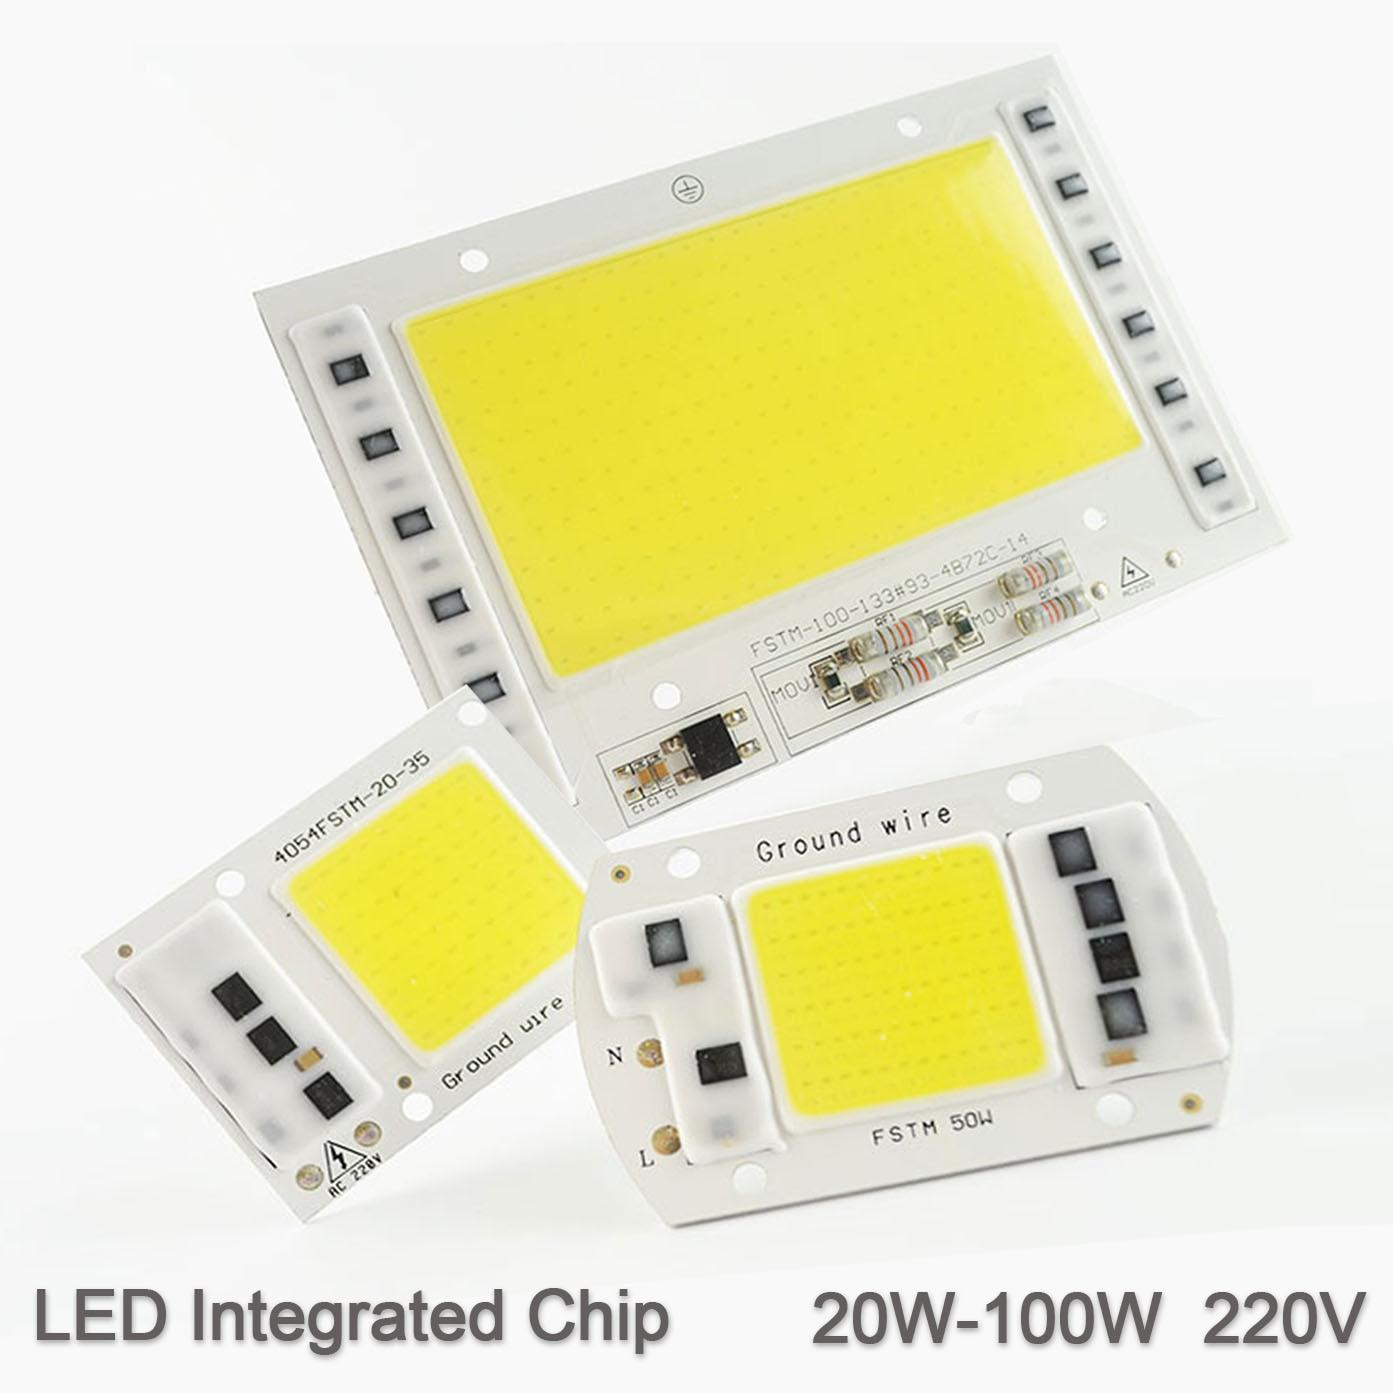 Светодиодные лампы Чип Интегрированный УДАР 5 Вт 20 Вт 30 Вт 50 Вт 100 Вт 220 В 240 В smart IC драйвер холодный теплый белый Светодиодный прожектор Прожектор расти рост